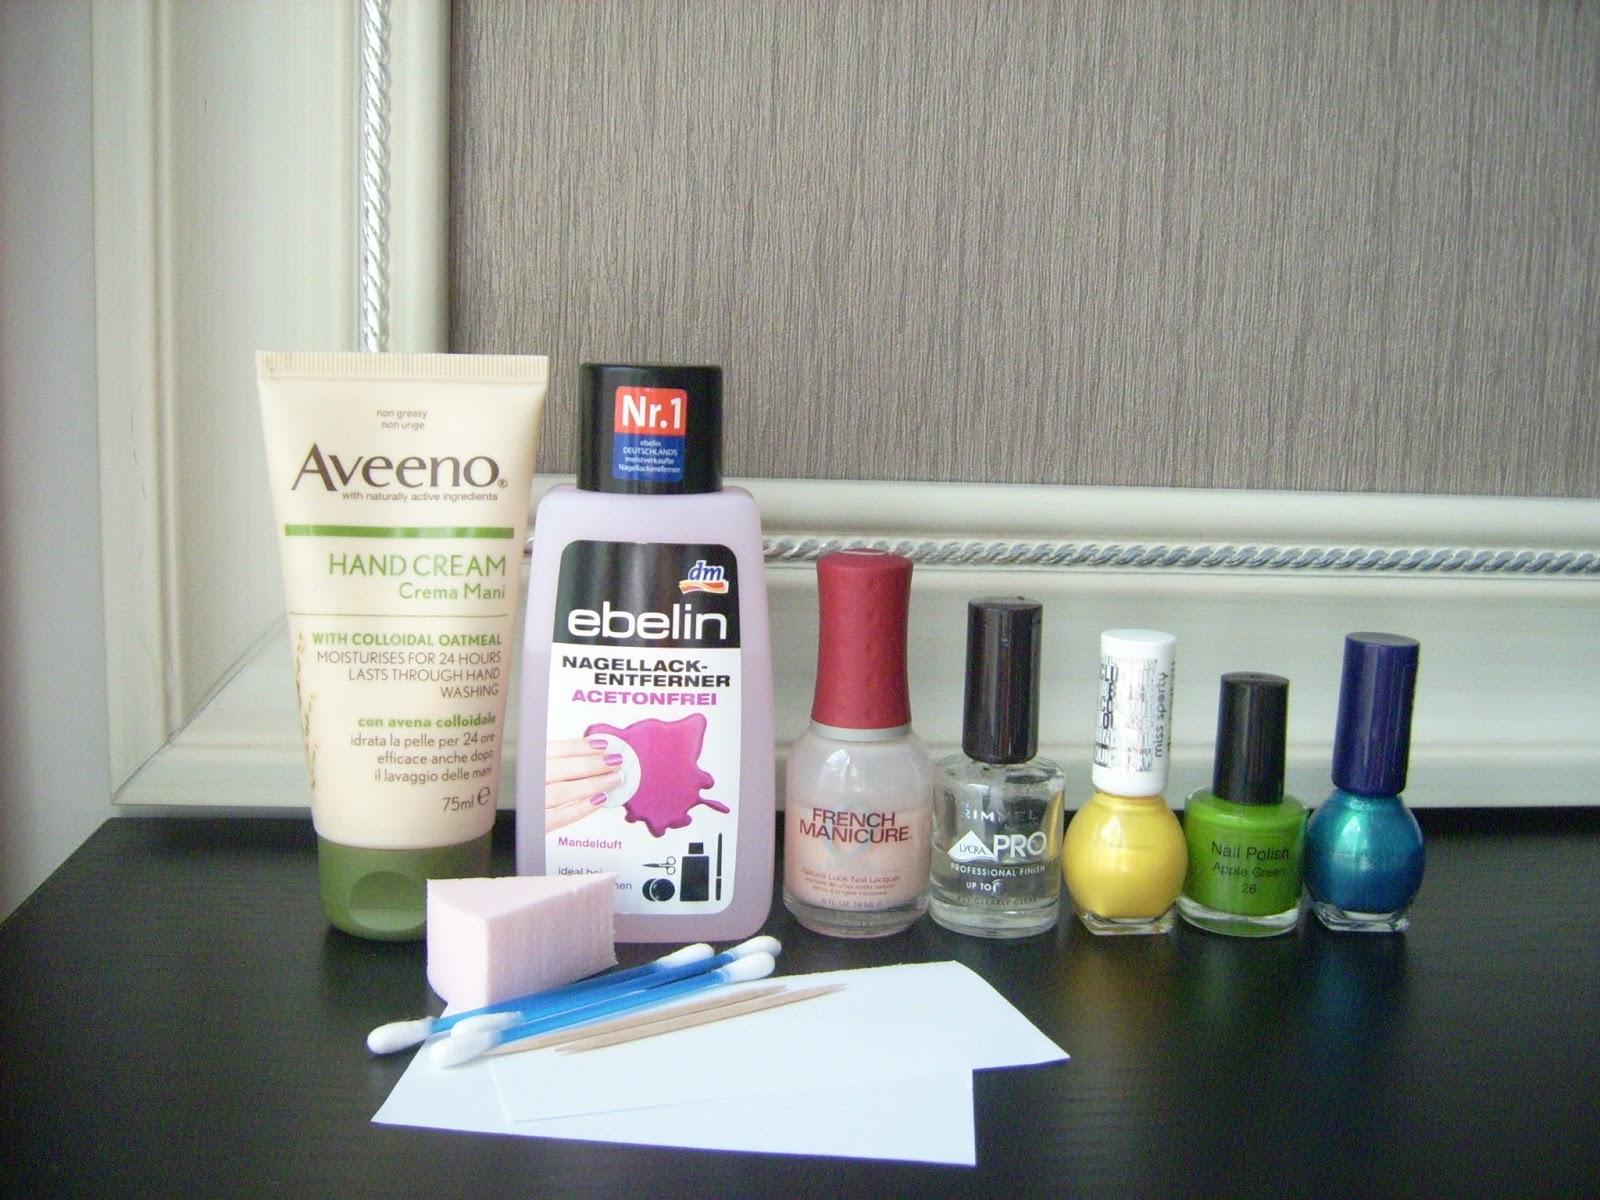 aveeno hand cream, ebelin, miss sporty, orly, rimmel nail polish